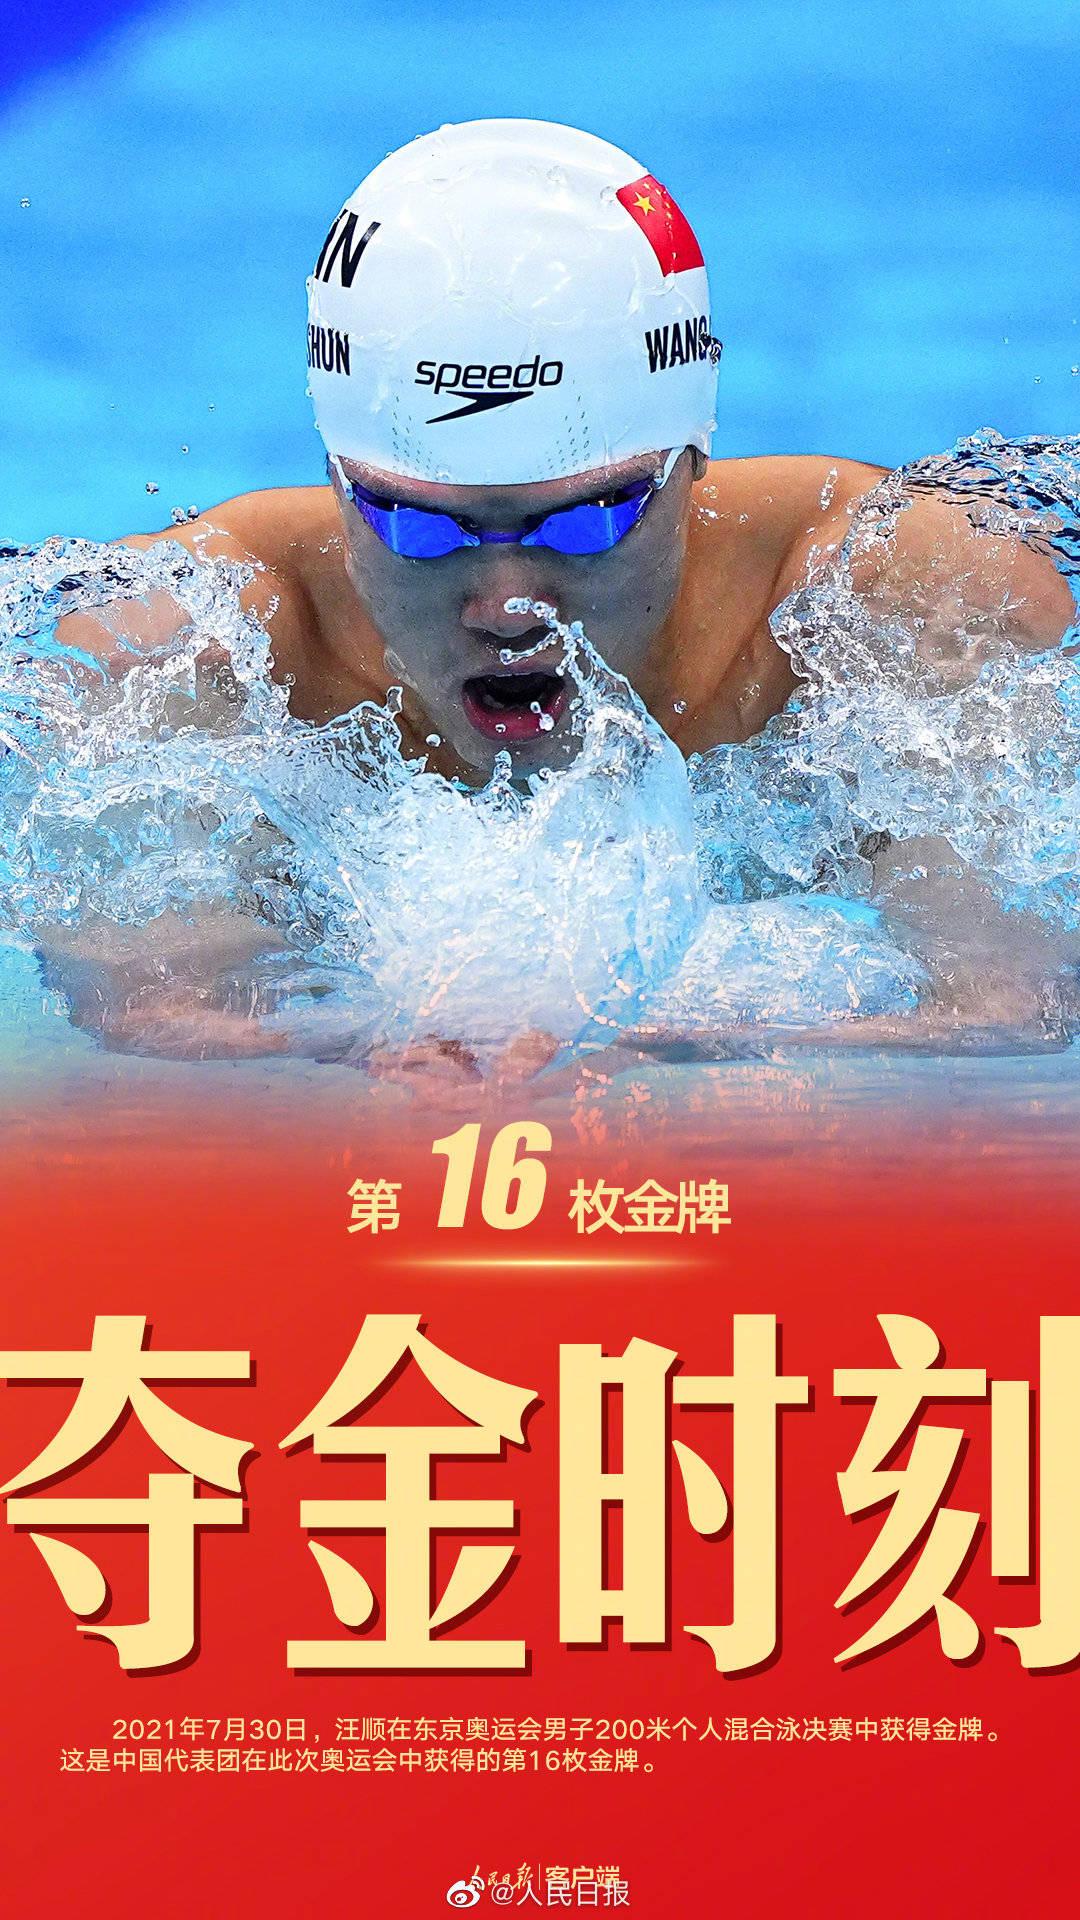 汪顺 东京奥运会男子200米混合泳夺金时刻 人民日报 图